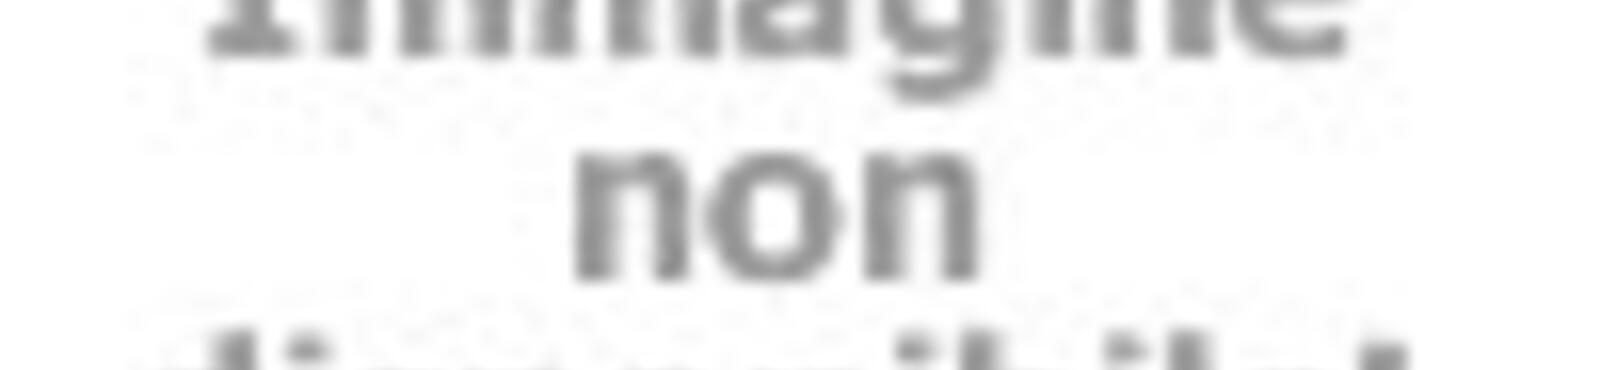 petronianaviaggi it milano-il-cenacolo-vinciano-and-la-pinacoteca-ambrosiana-v168 002